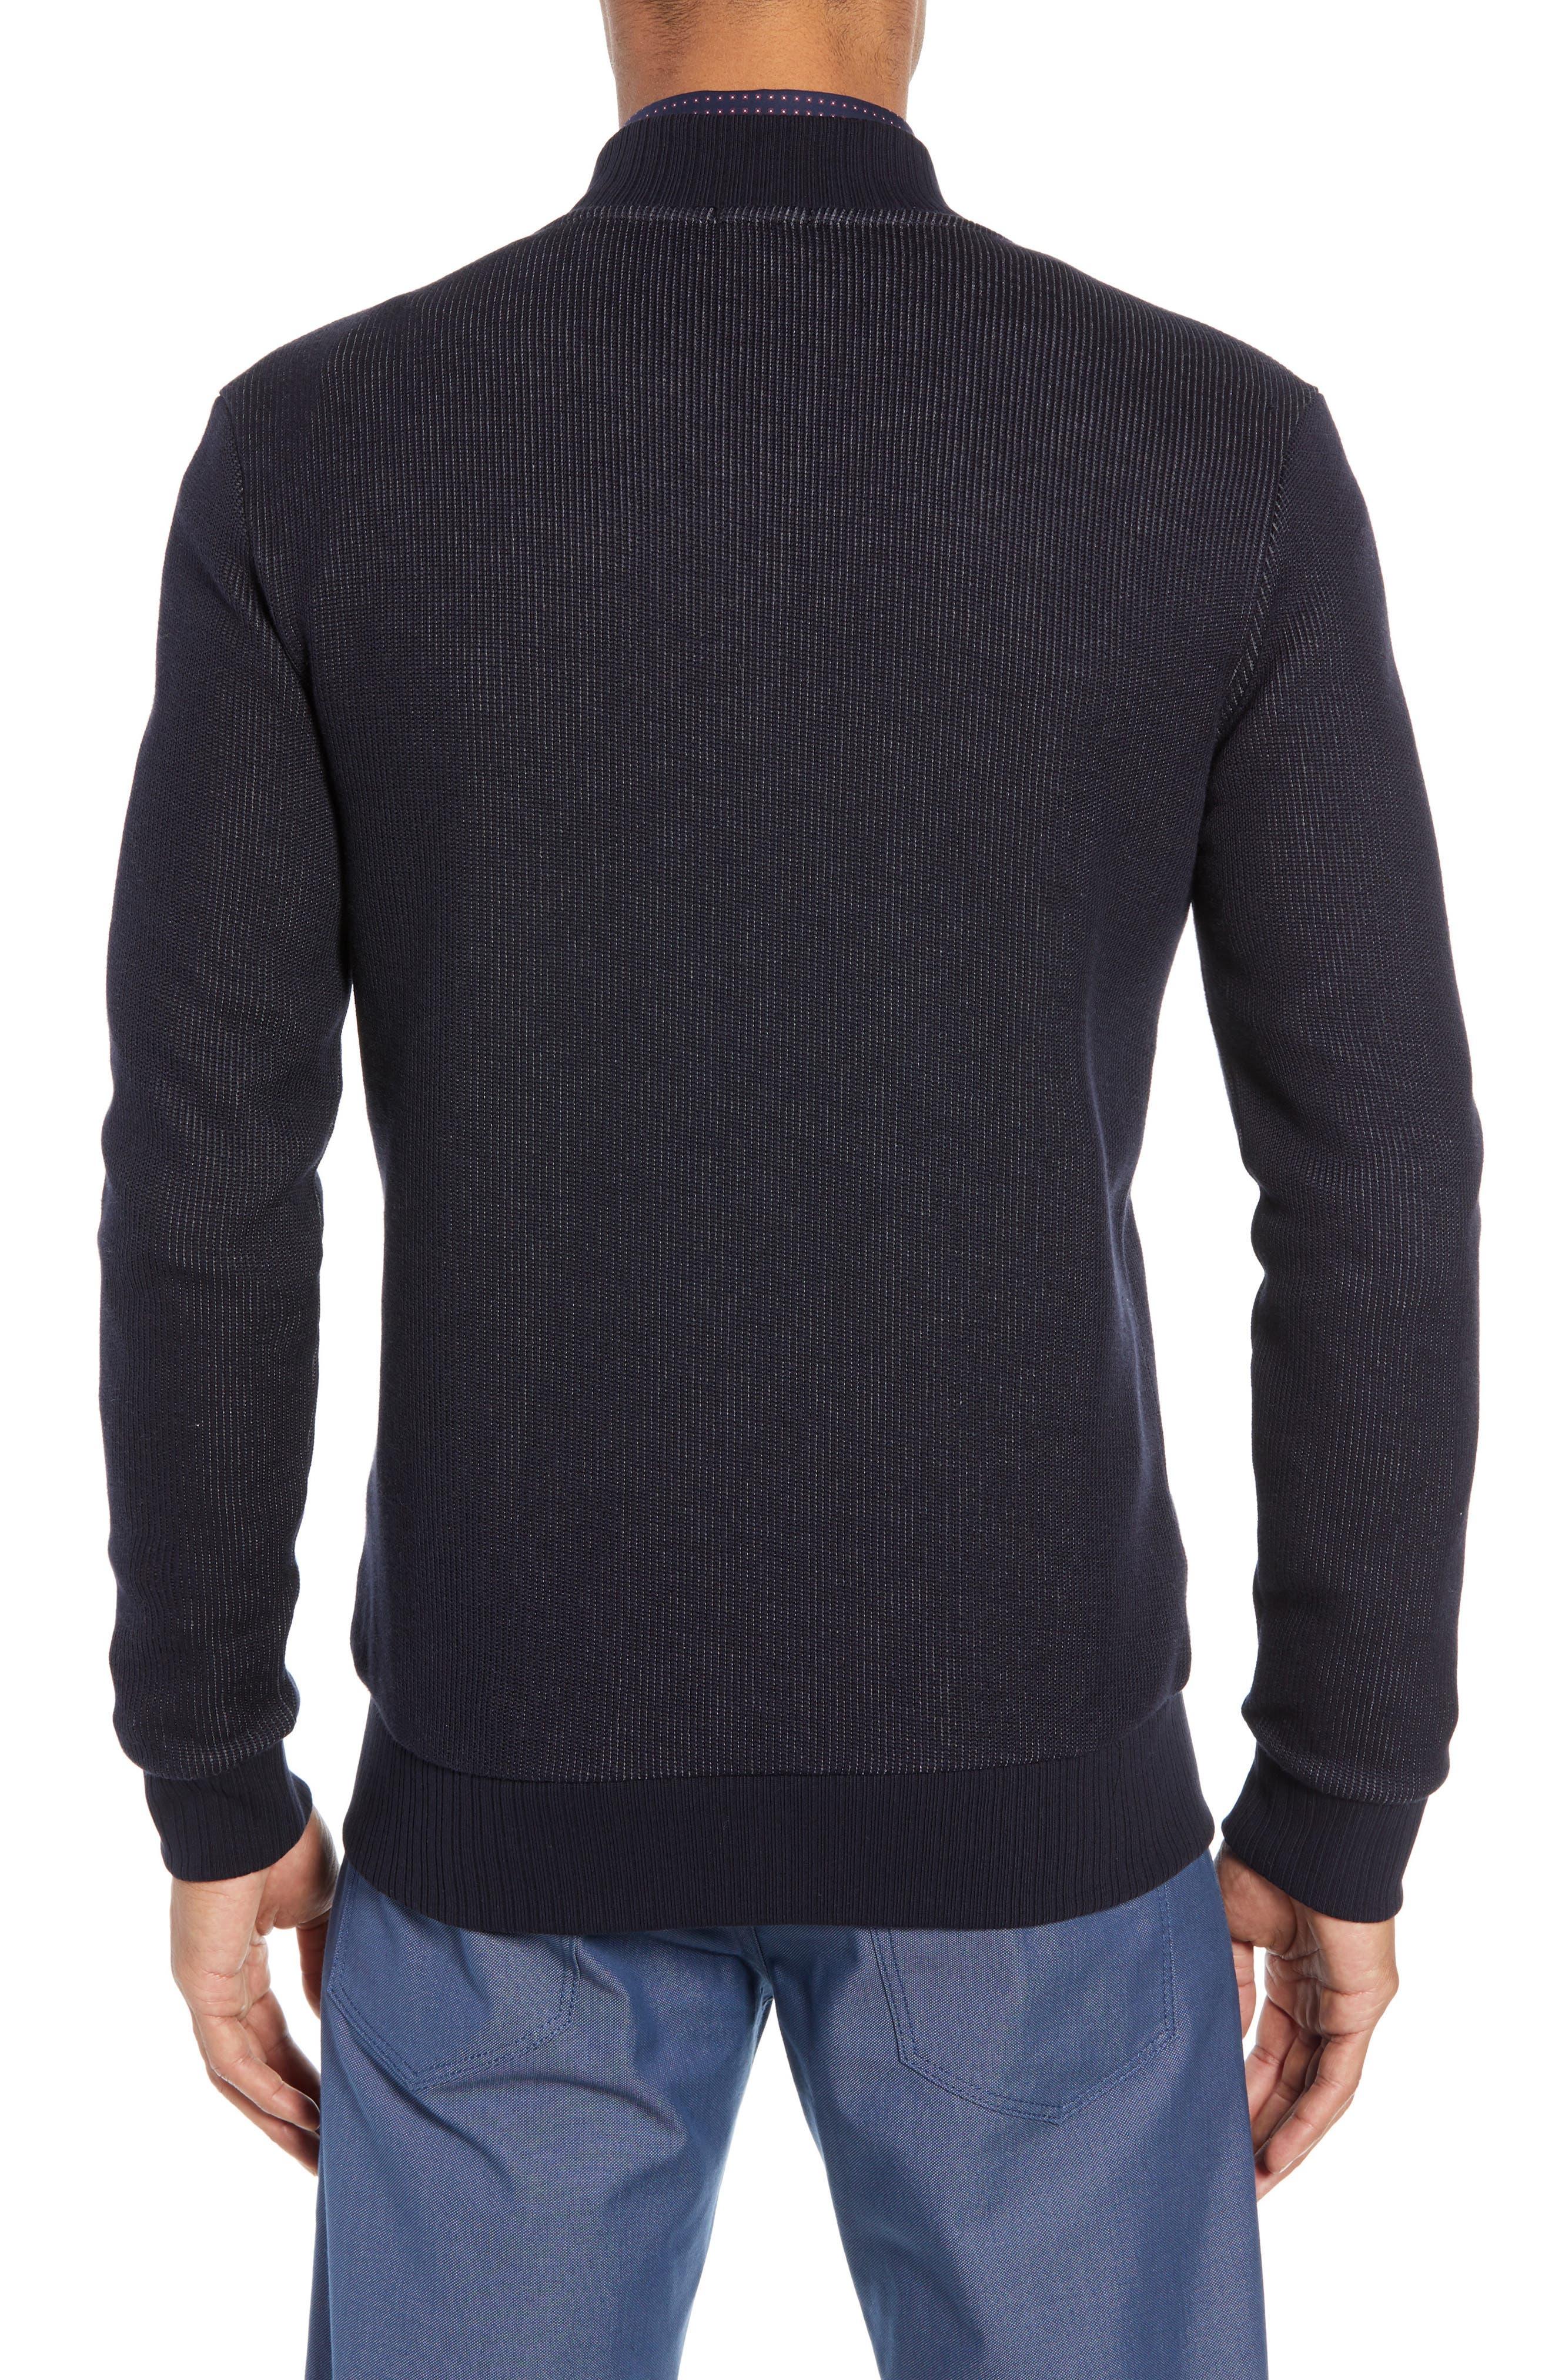 BOSS, Salea Slim Fit Sweatshirt Jacket, Alternate thumbnail 2, color, BLUE